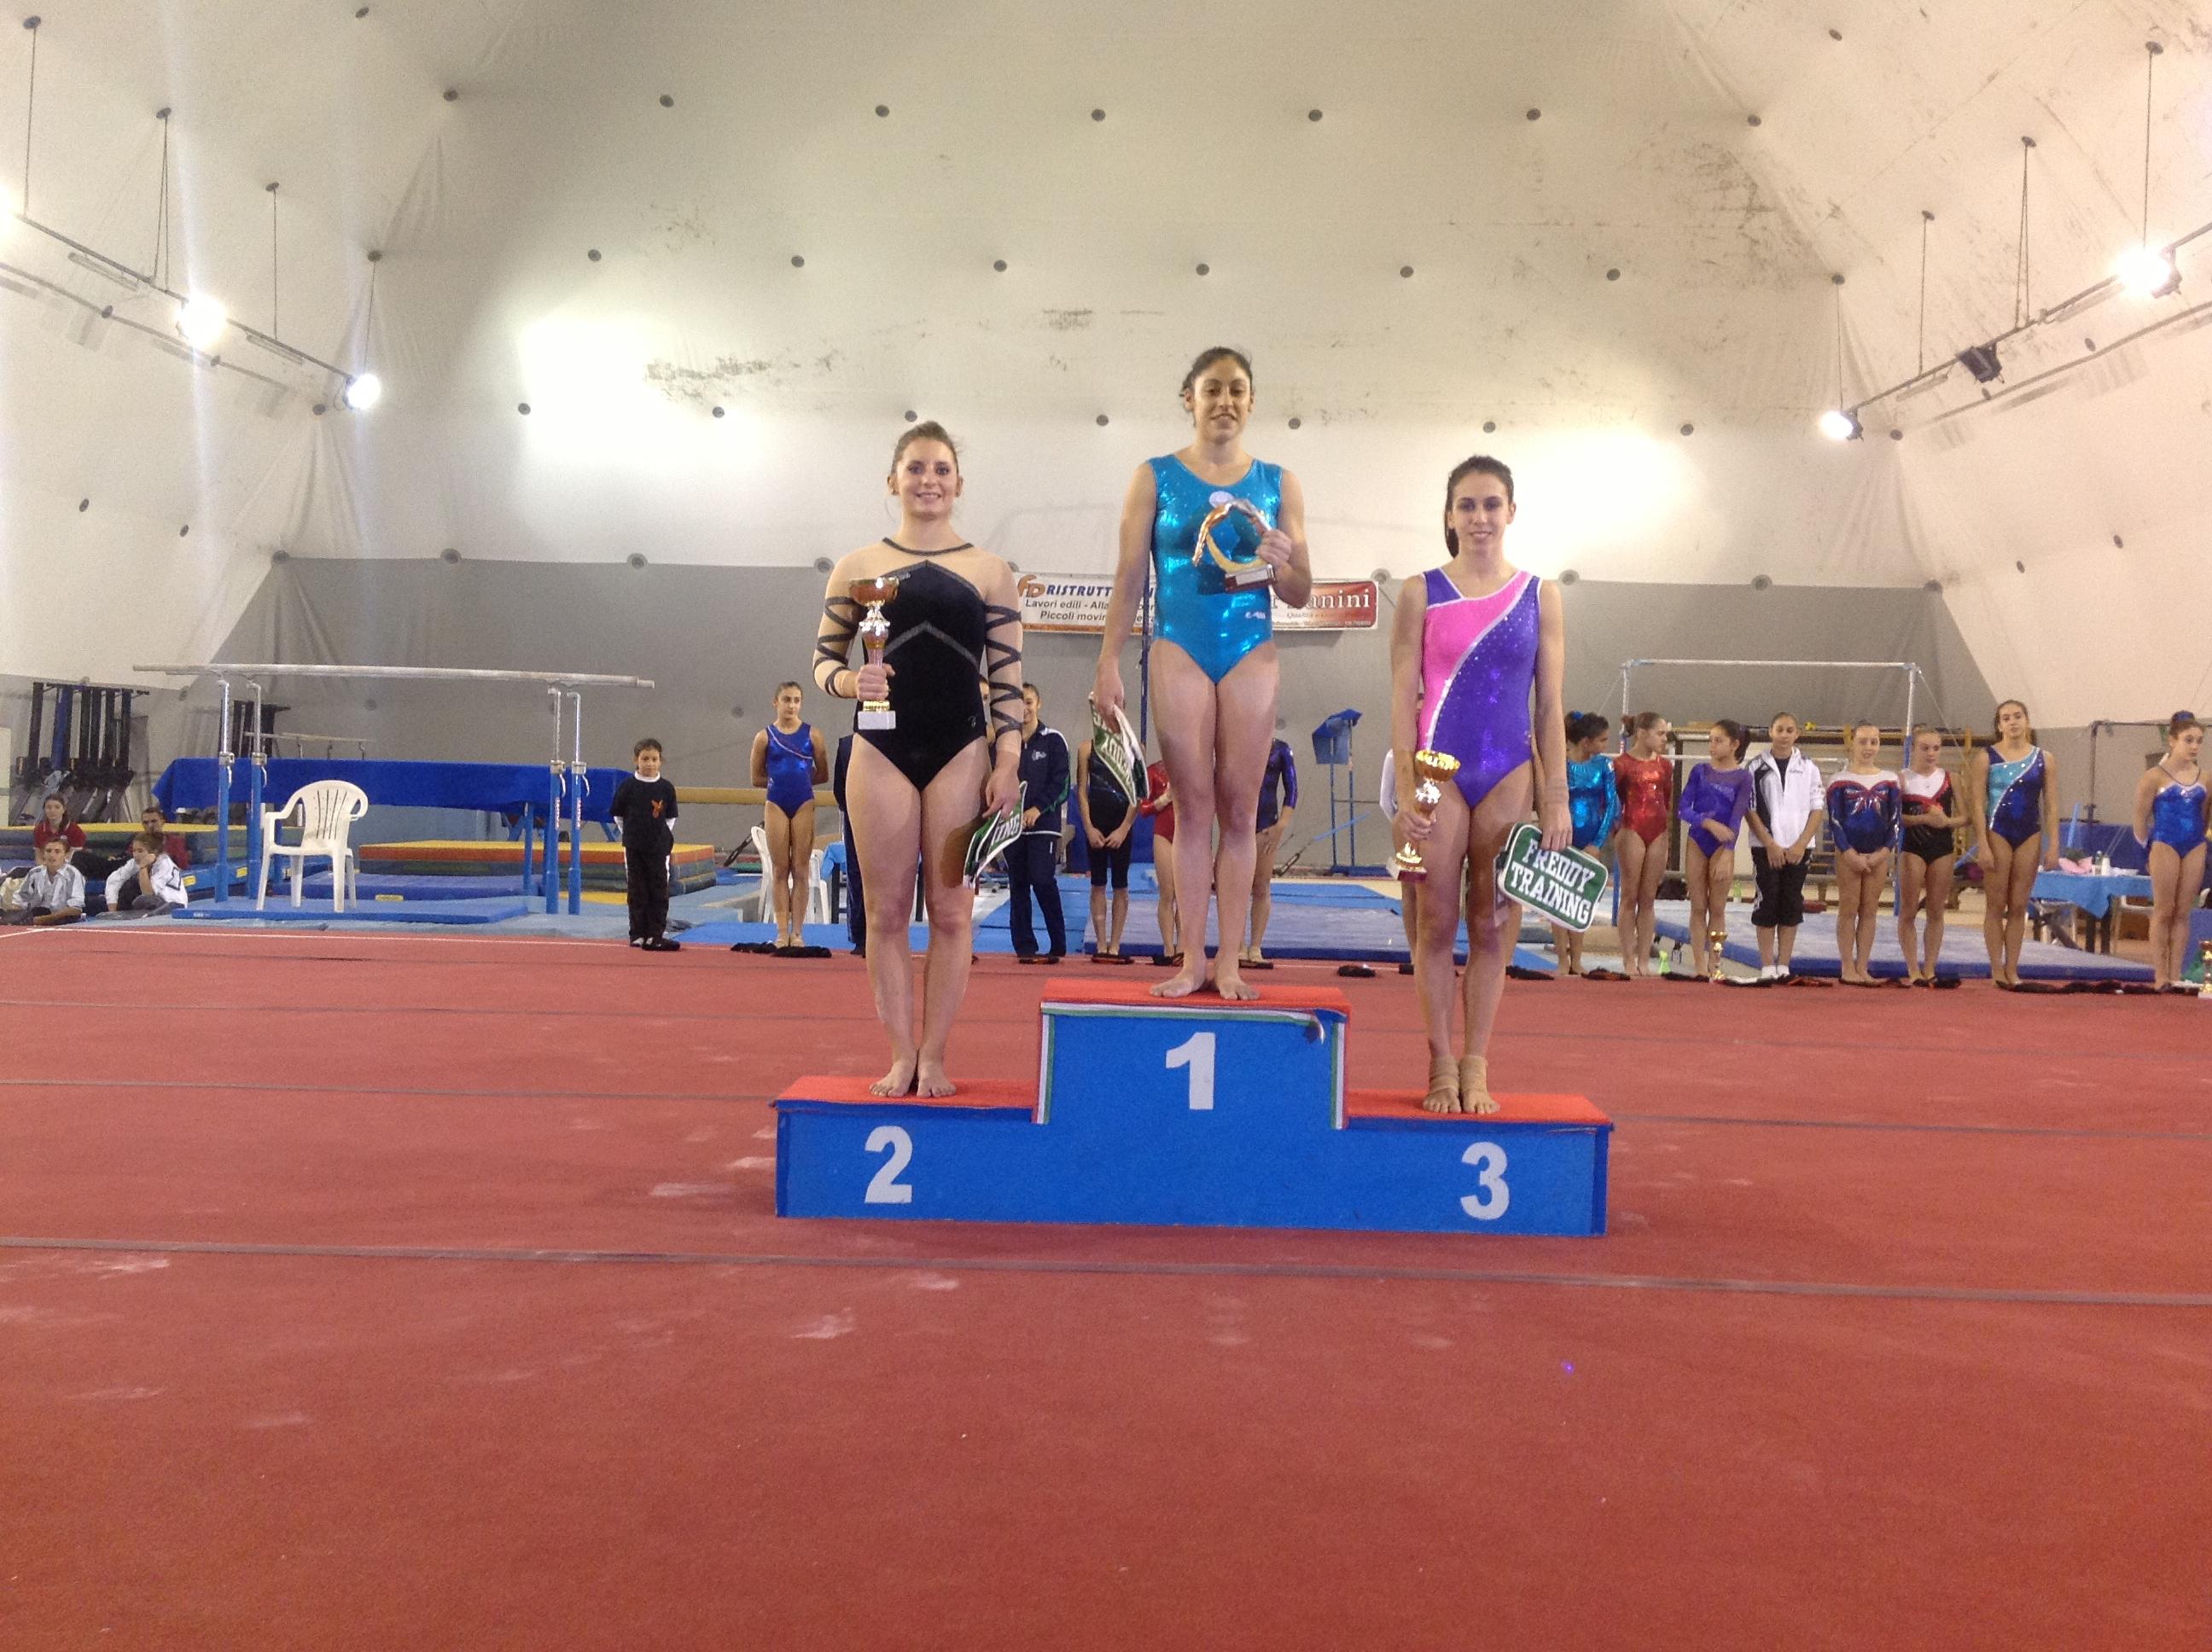 Le ginnaste sul podio